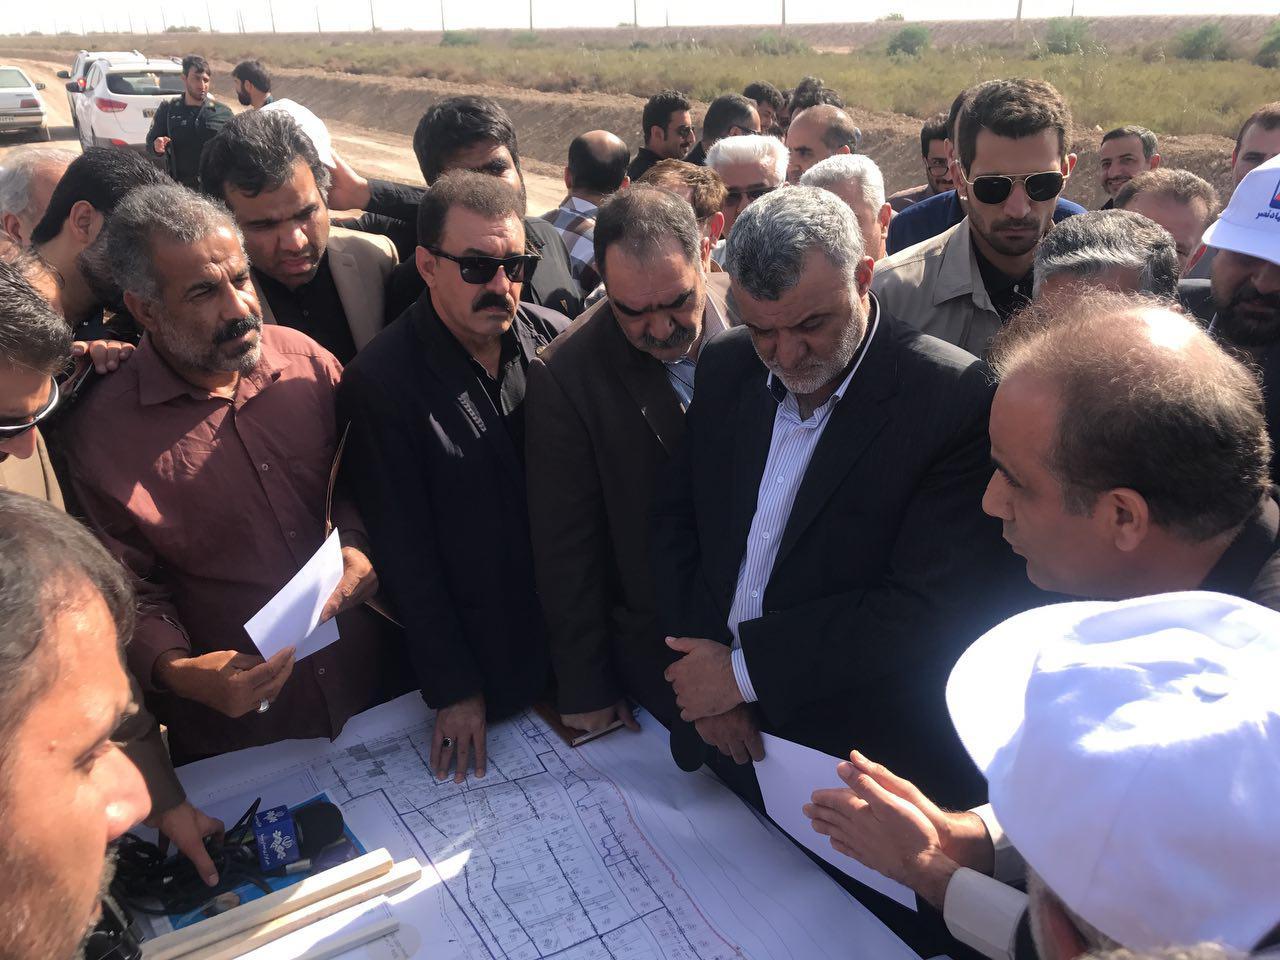 ۲۷۰ هزار هکتار از طرح ۵۵۰ هزار هکتاری رهبری در خوزستان اجرا شد